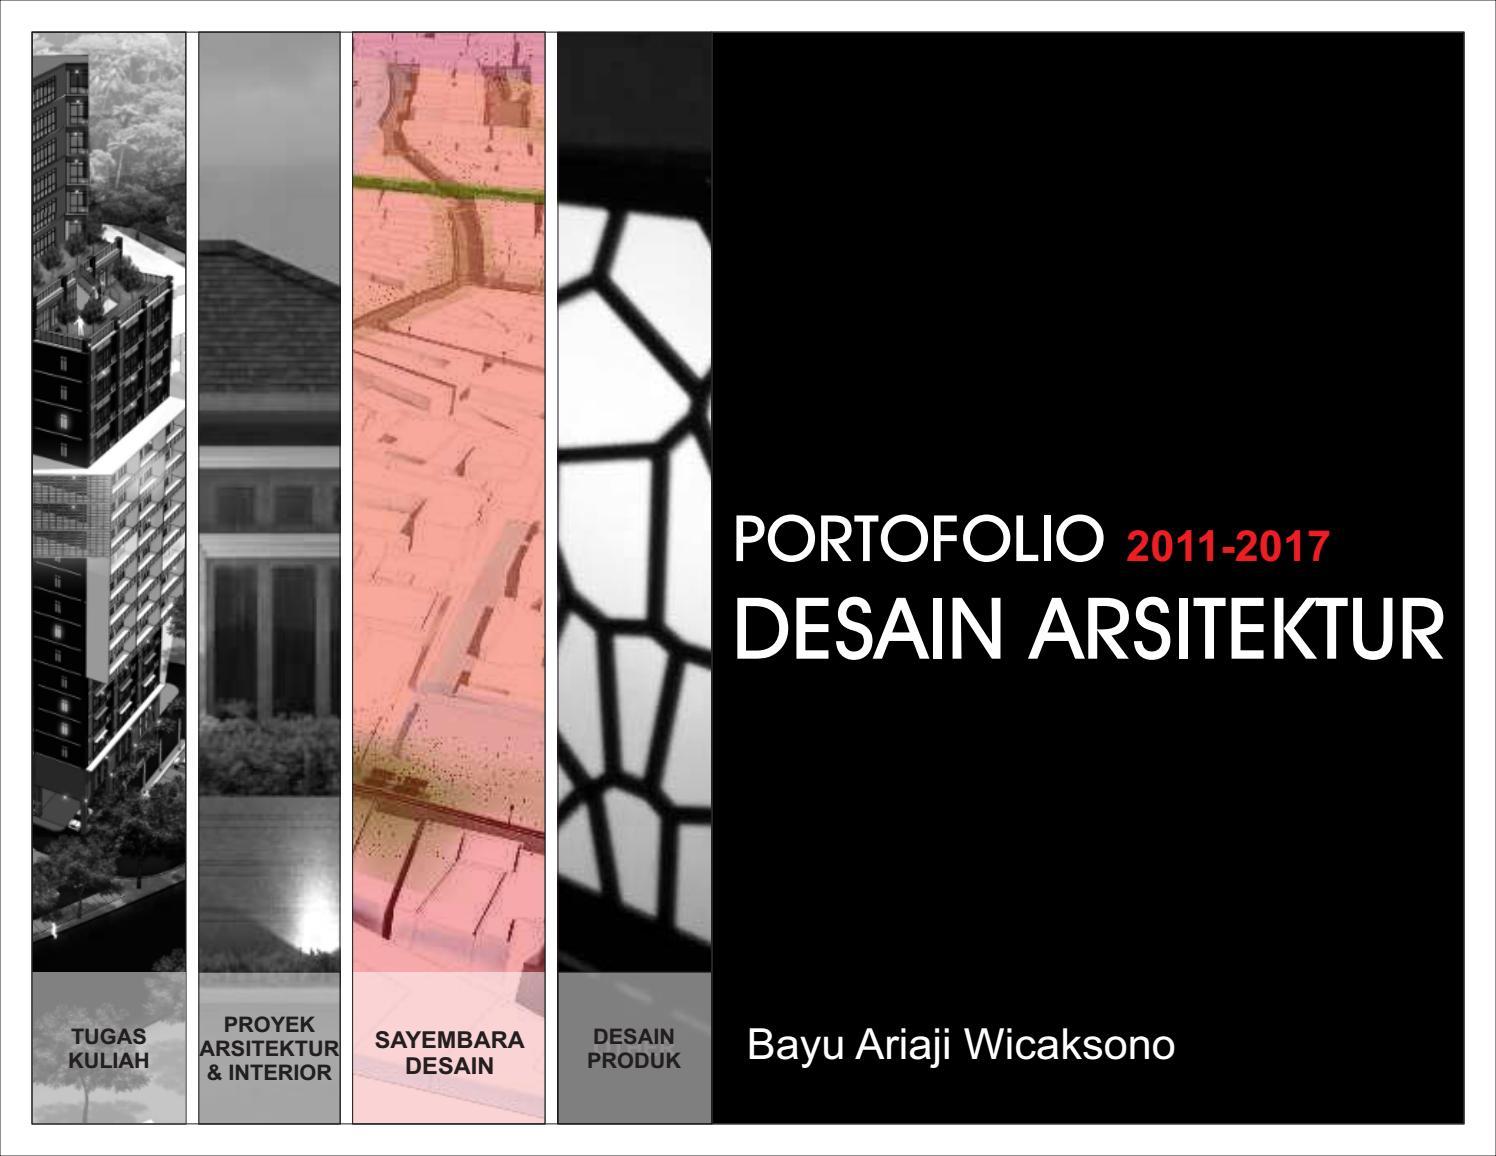 Portofolio Desain Arsitektur By Bayu Ariaji Wicaksono Issuu